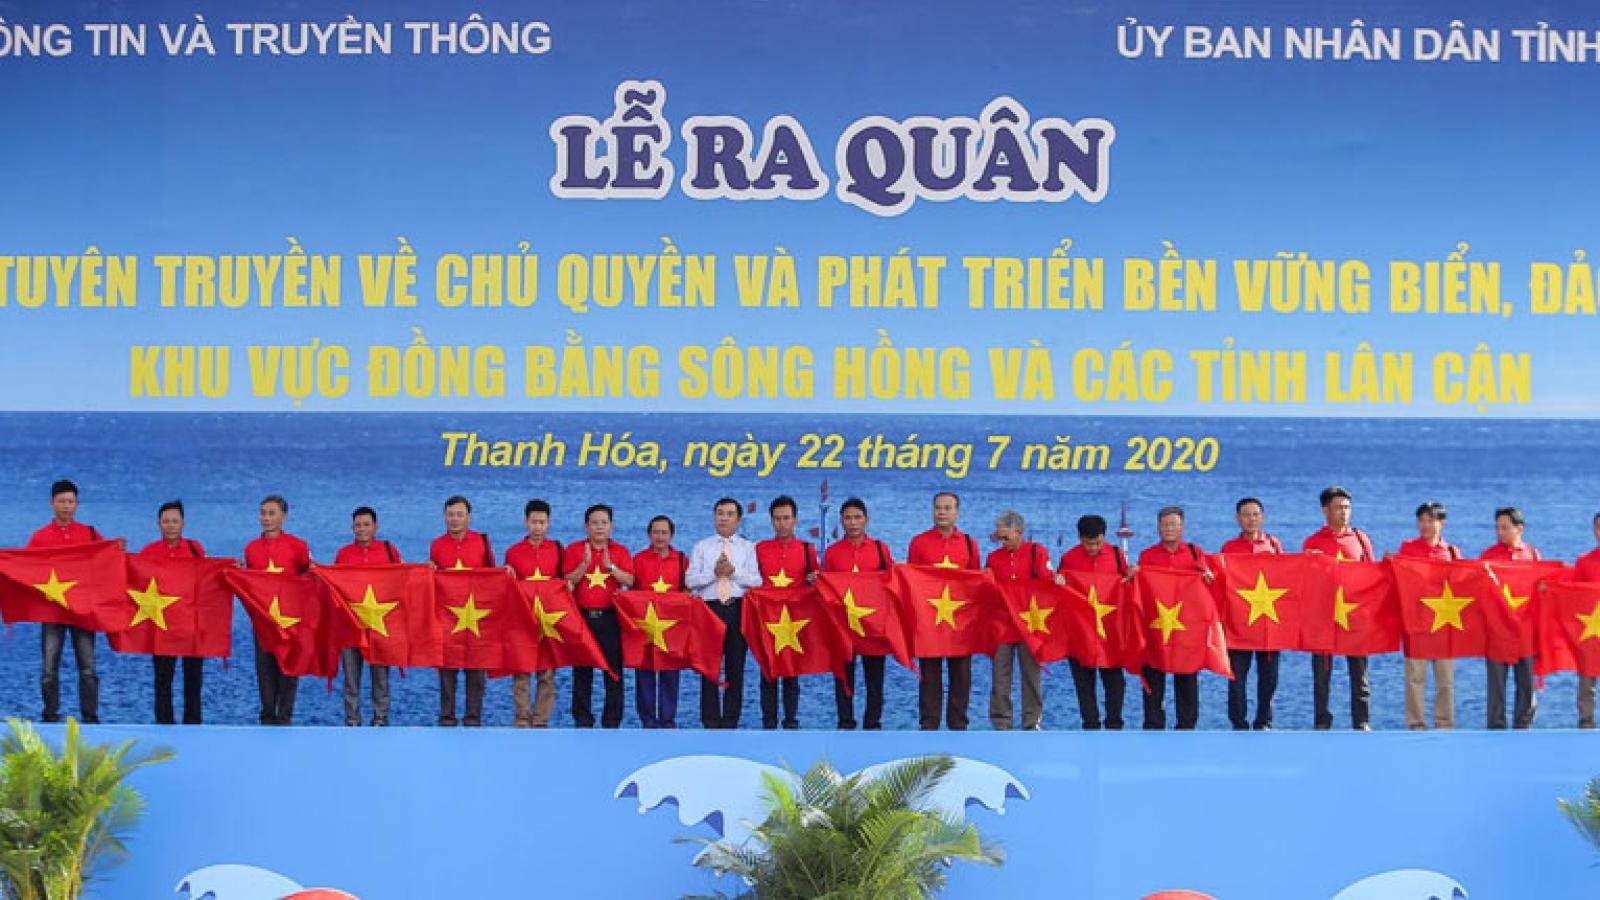 Trao tặng 2000 lá cờ Tổ quốc cho ngư dân Thanh Hóa